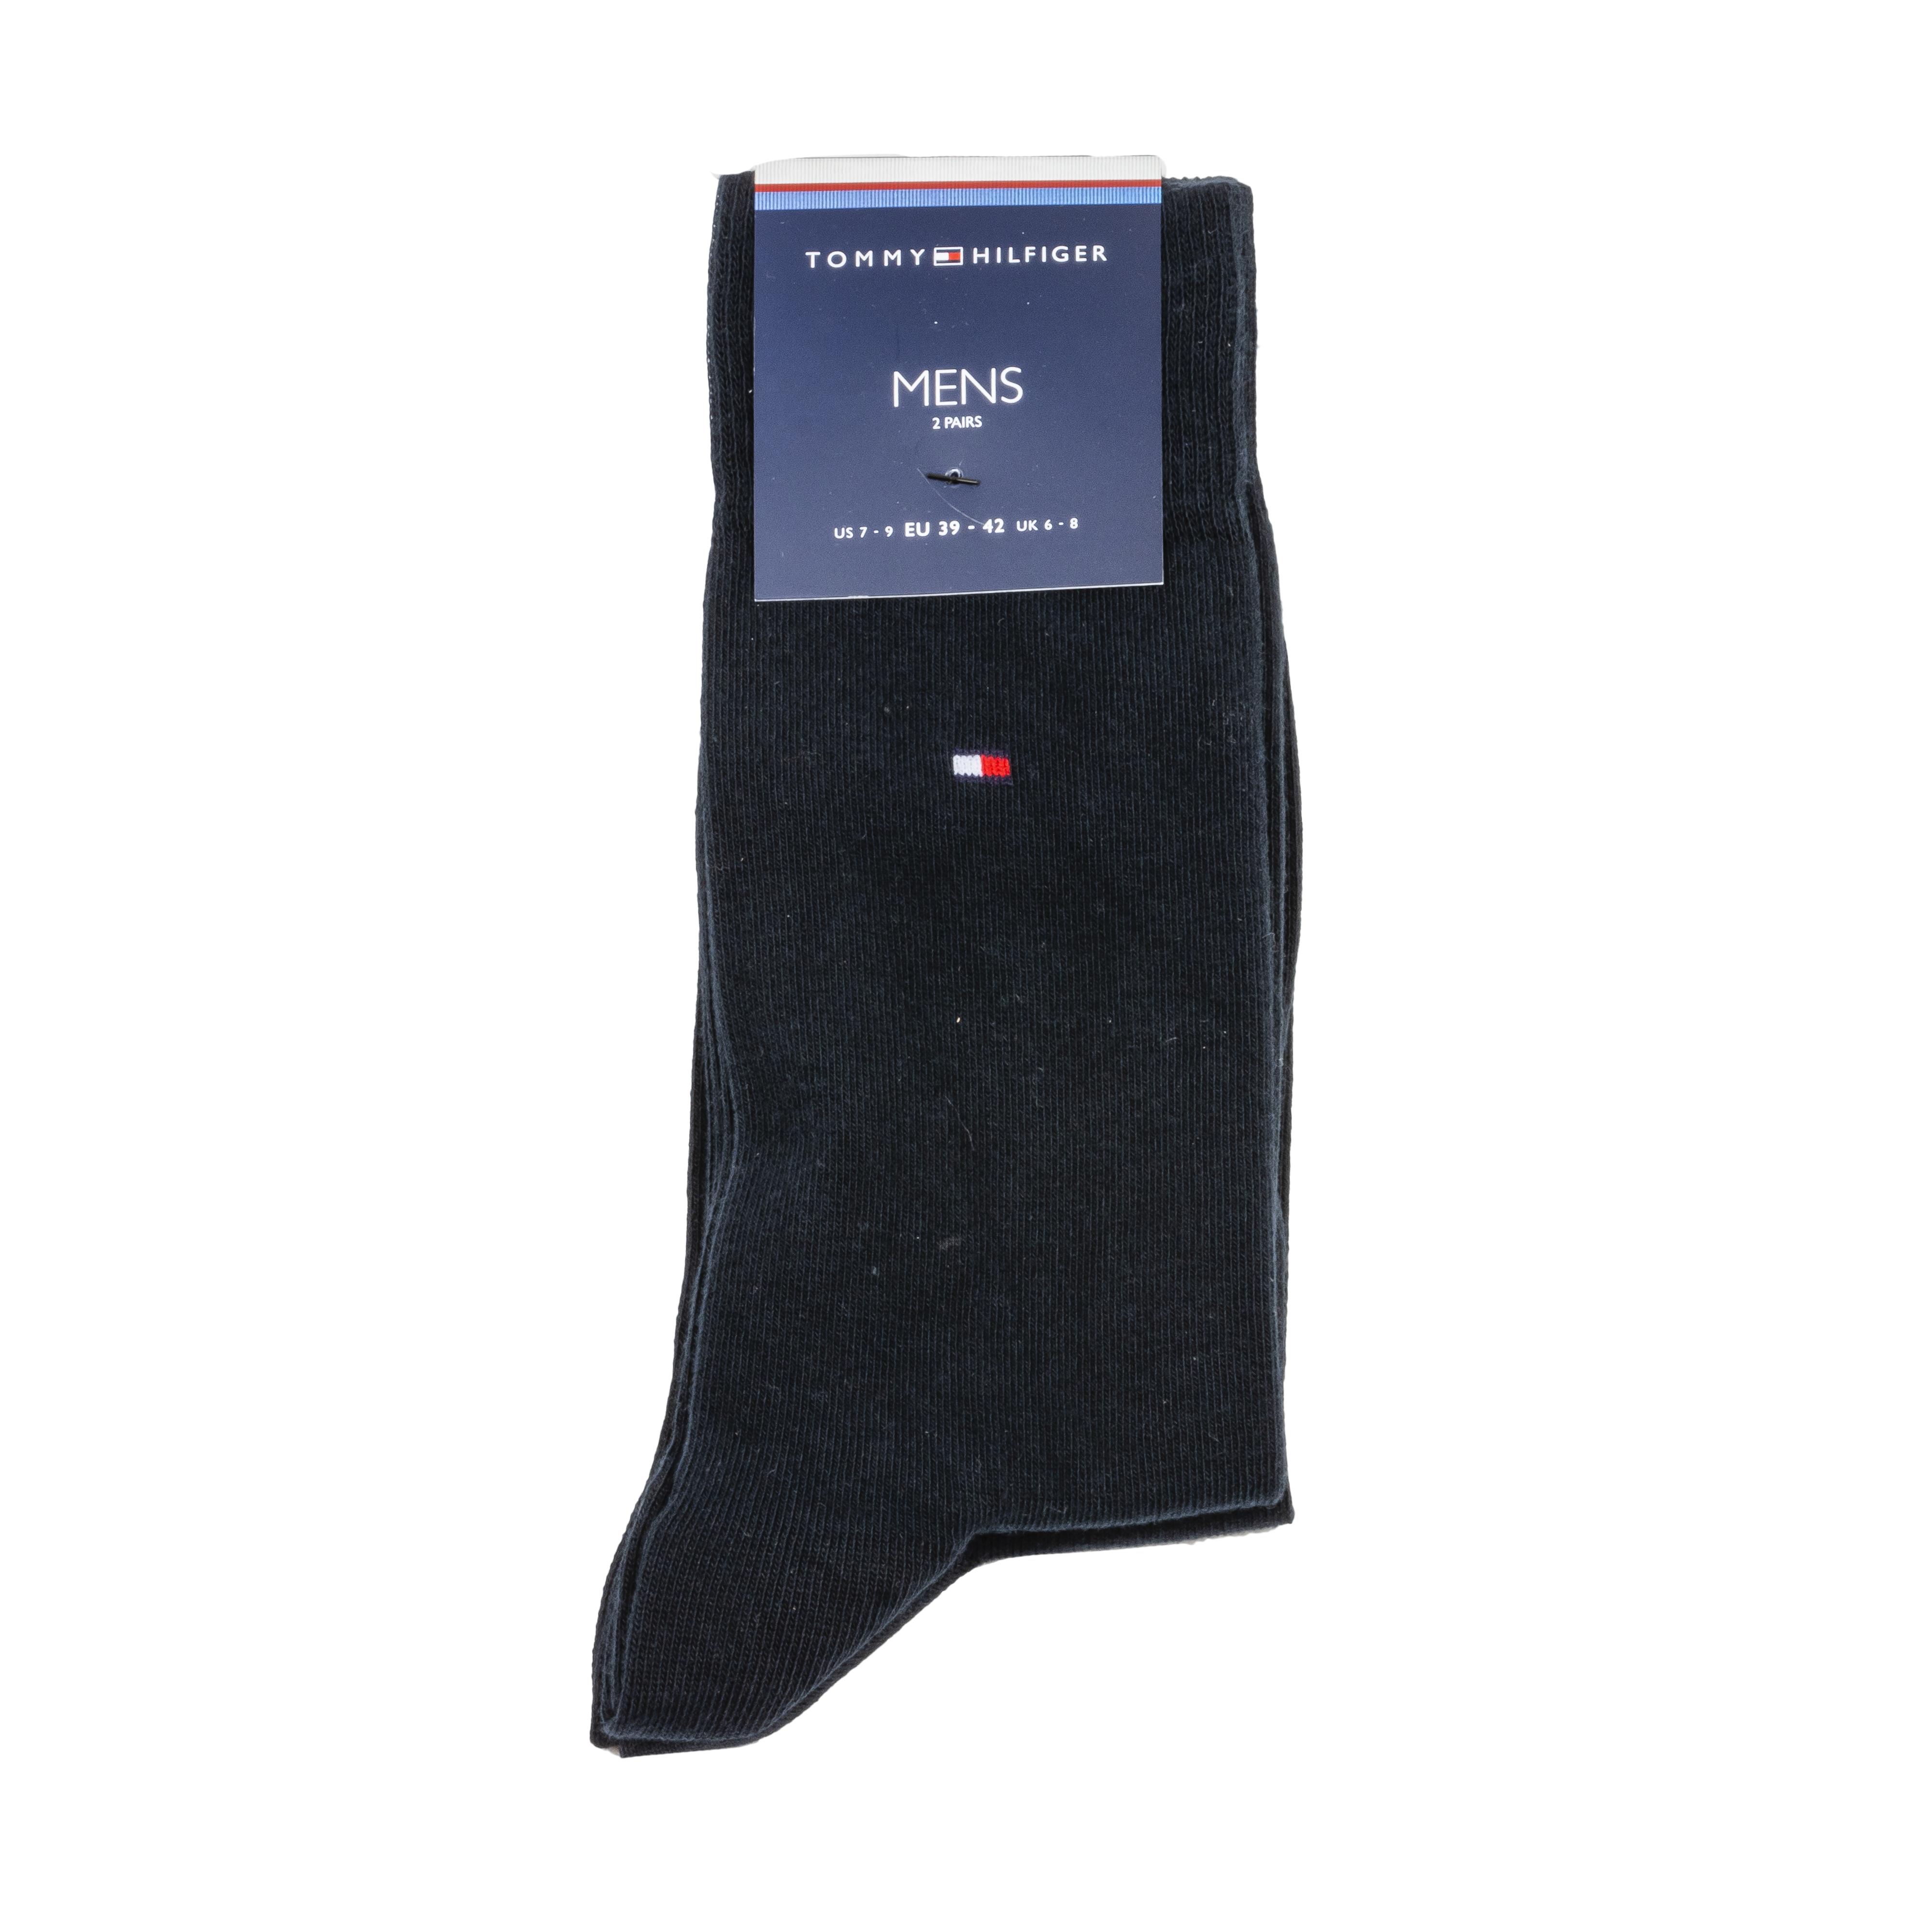 Lot de 2 paires de chaussettes hautes tommy hilfiger classic en coton mélangé stretch bleu marine